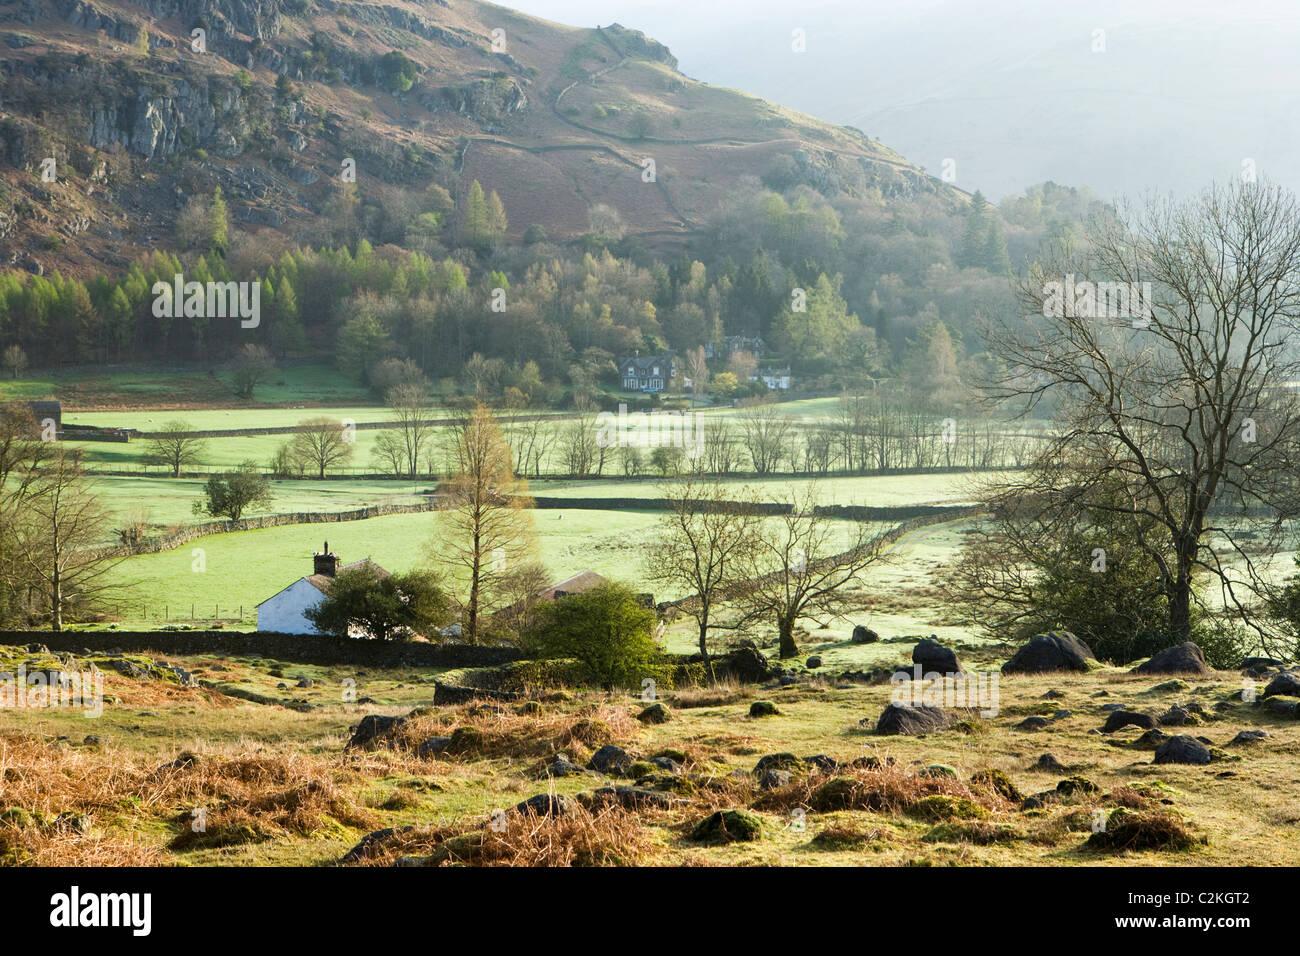 Inizio della primavera alba vicino a Grasmere, Parco Nazionale del Distretto dei Laghi, Cumbria, Regno Unito Immagini Stock